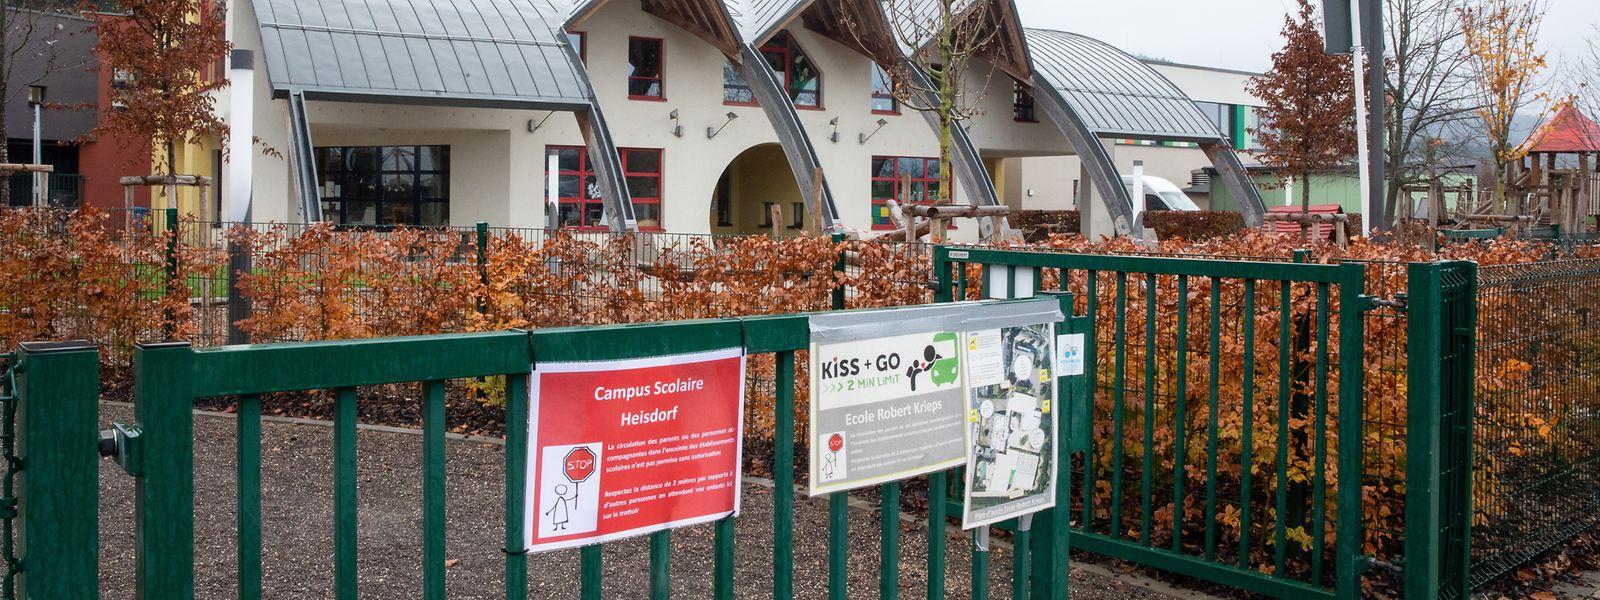 Unter anderem in der Schule in Heisdorf wurden Covid-Fälle festgestellt.